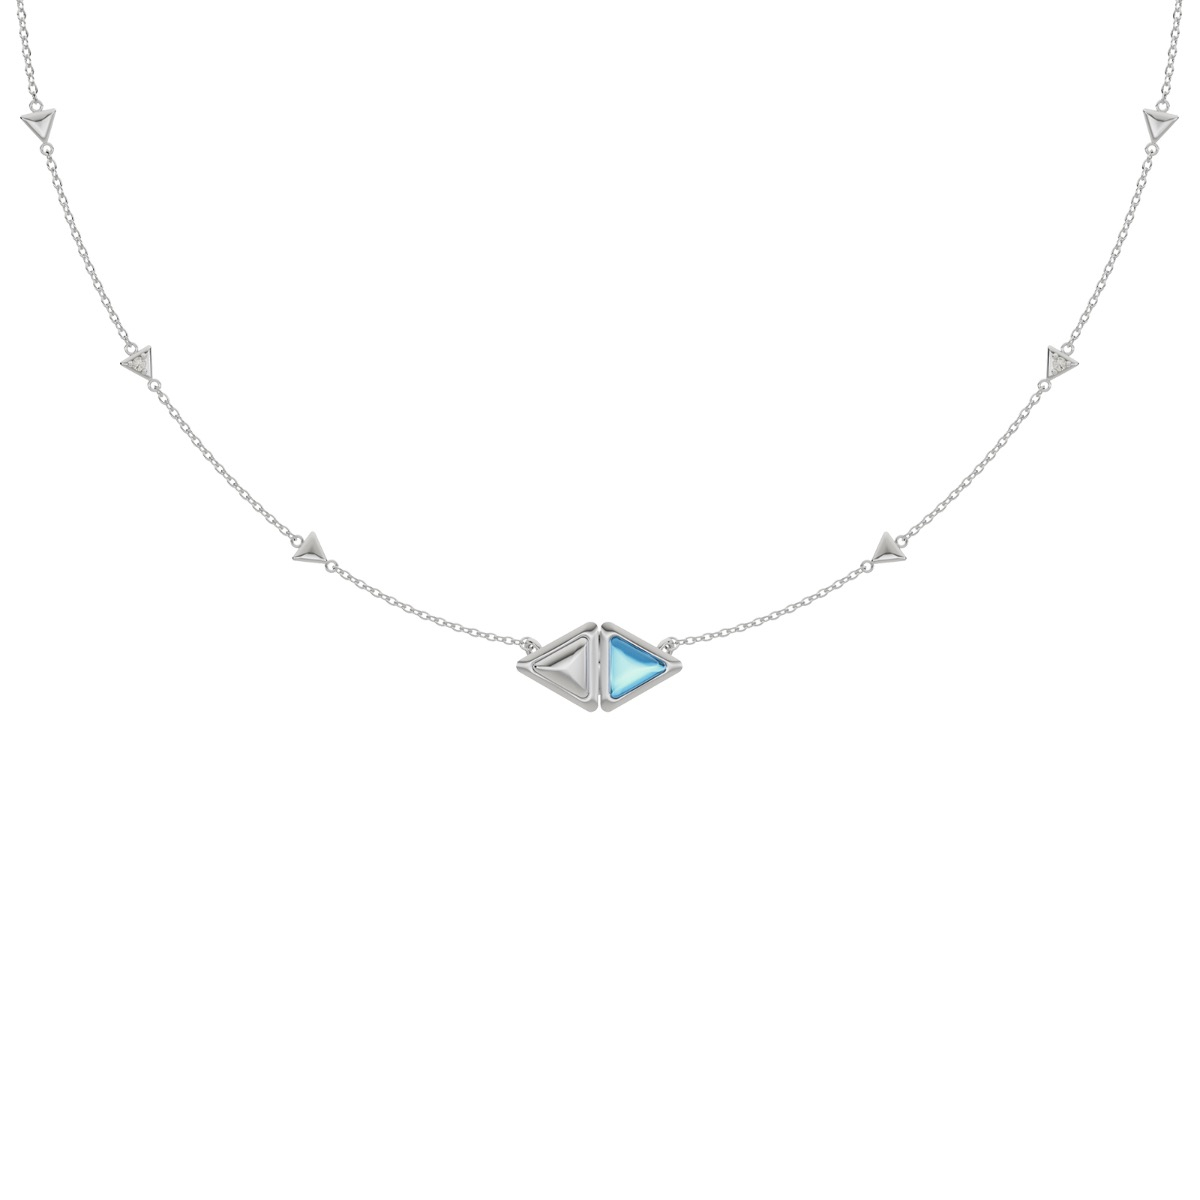 Necklace Mirror Gem White Gold Blue Topaz